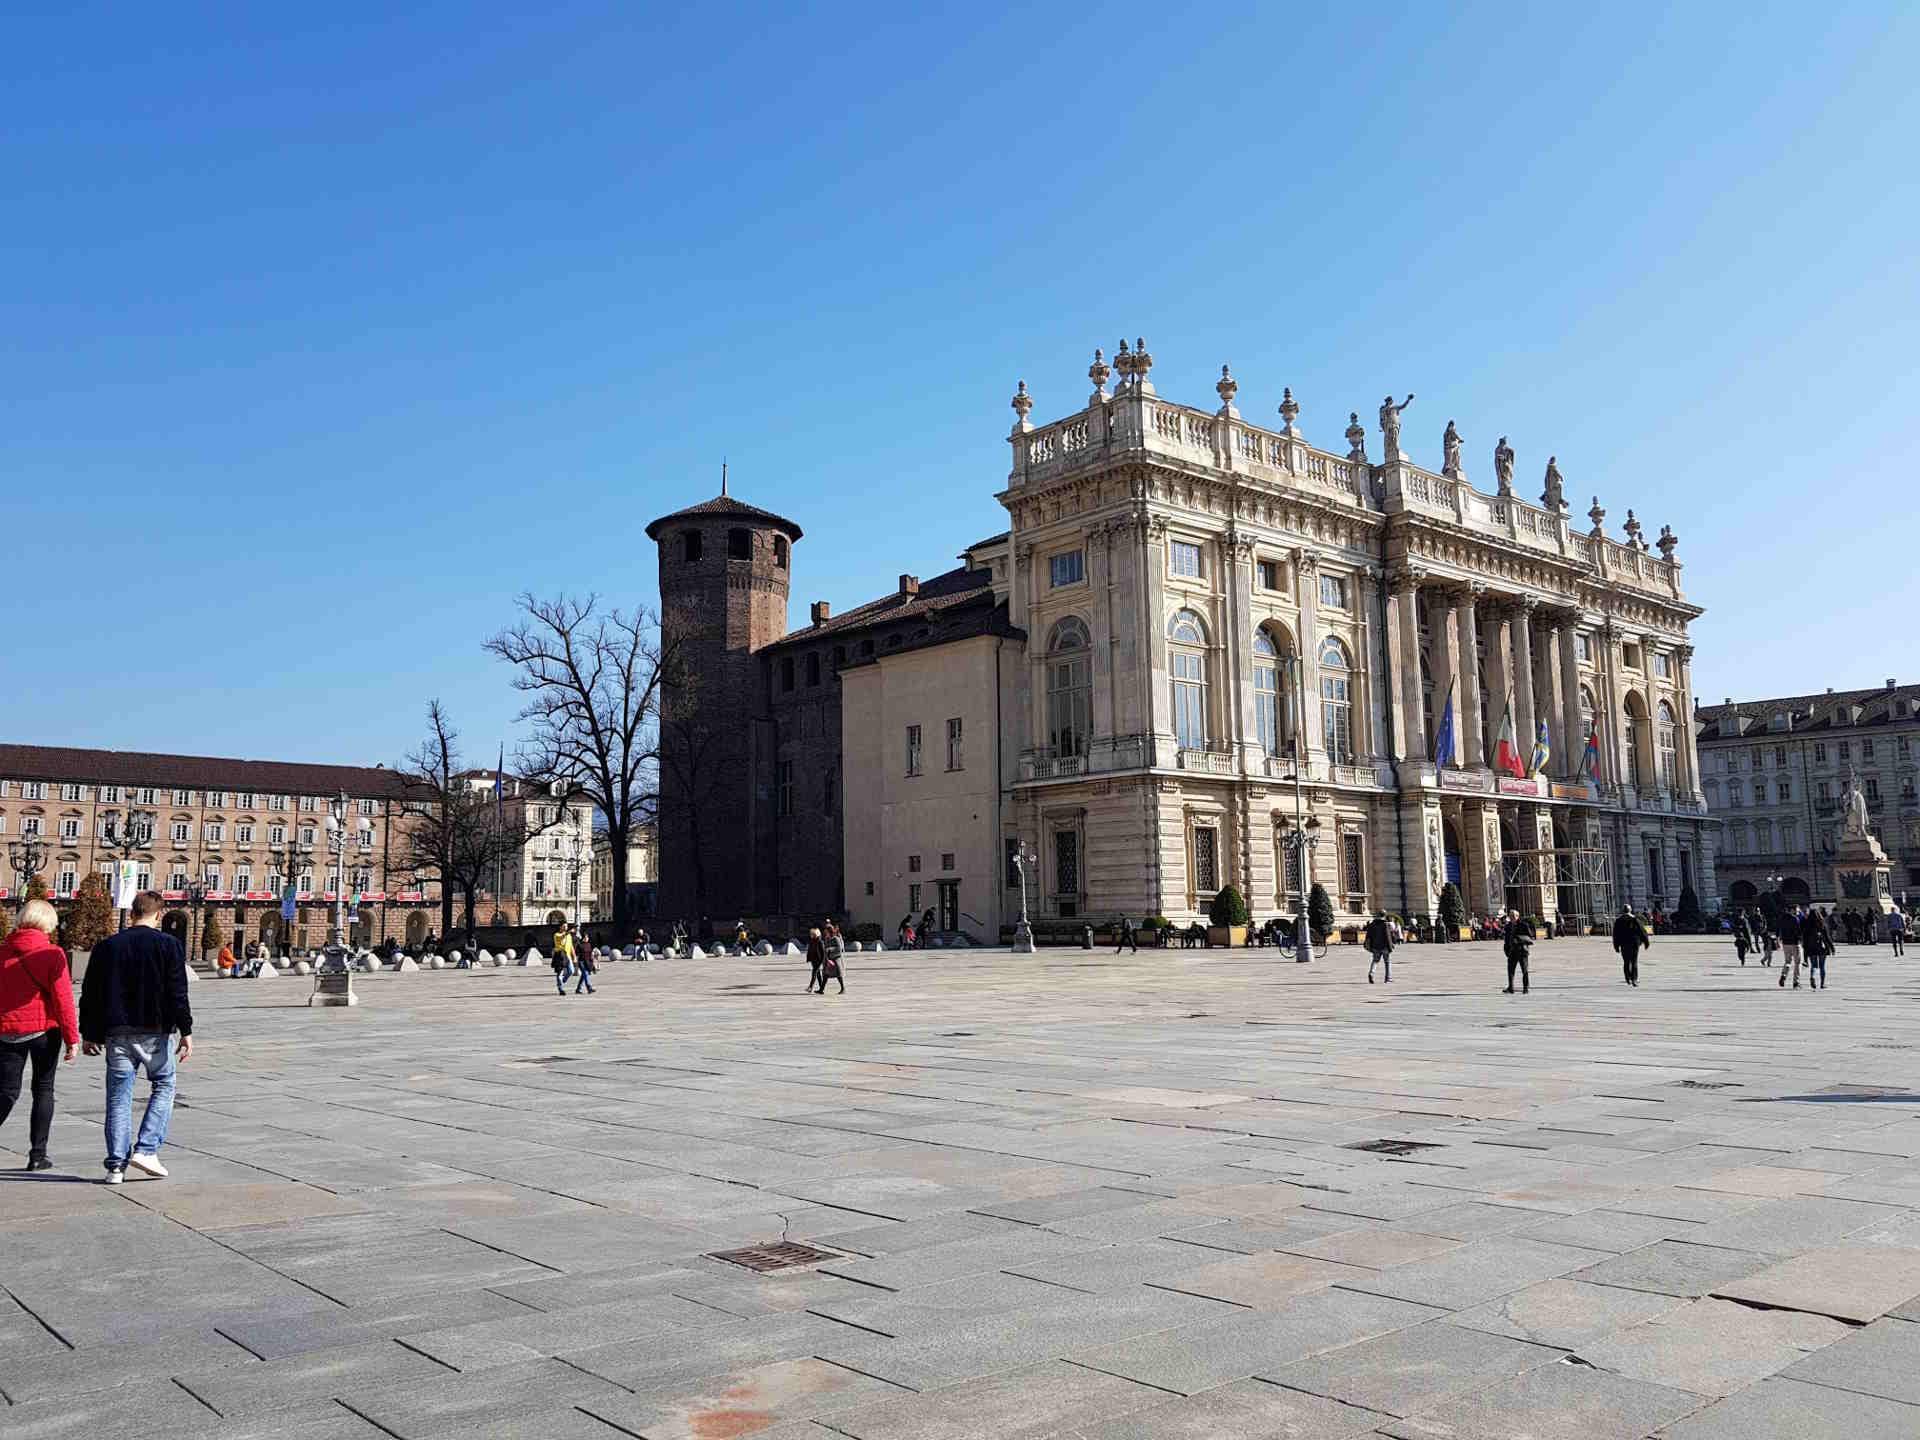 cosa vedere a torino, Piazza Castello e Palazzo Madama